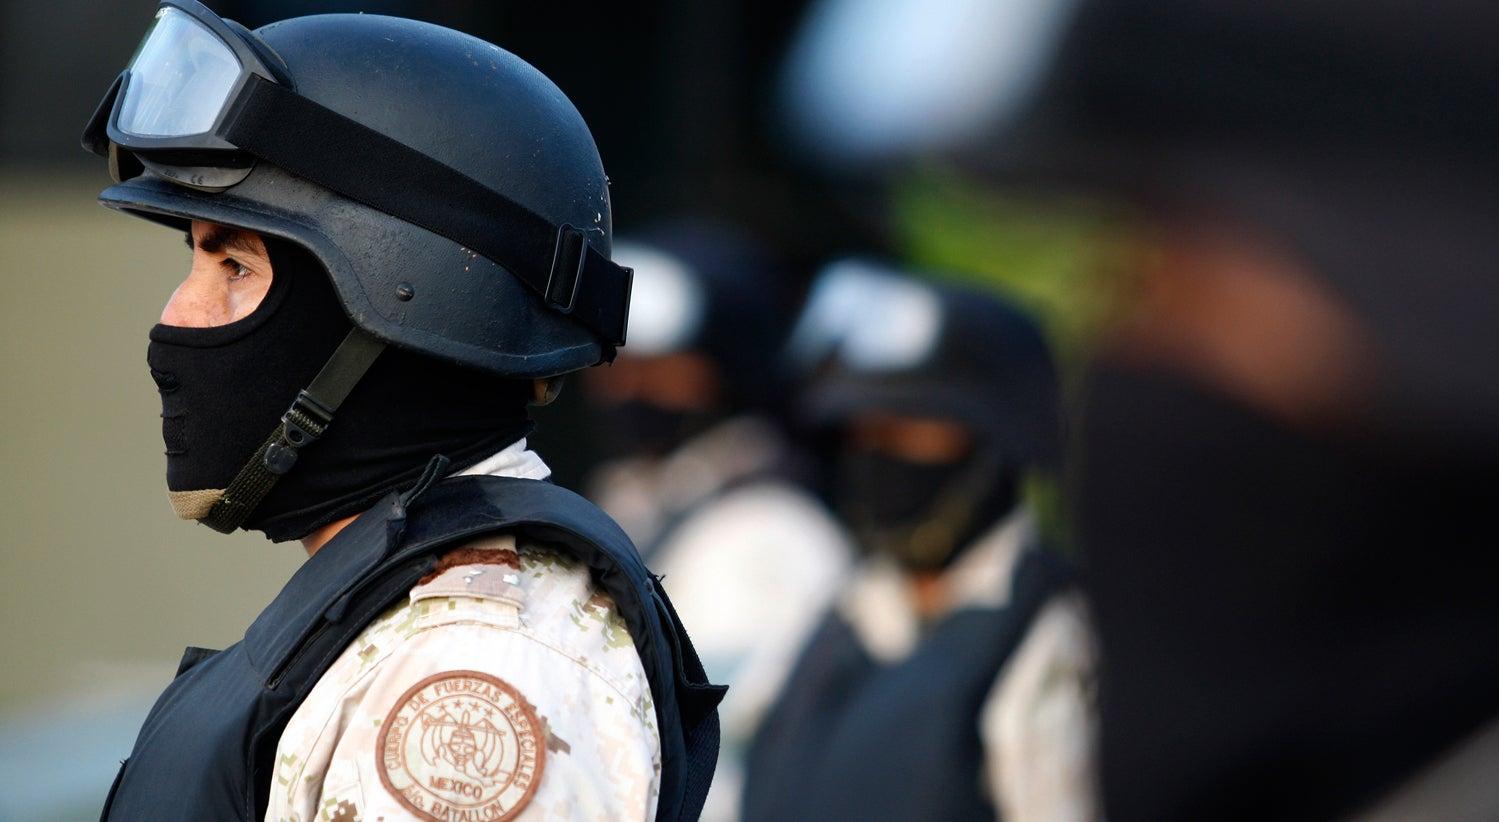 México foi o país mais mortífero do mundo a seguir à Síria em 2016